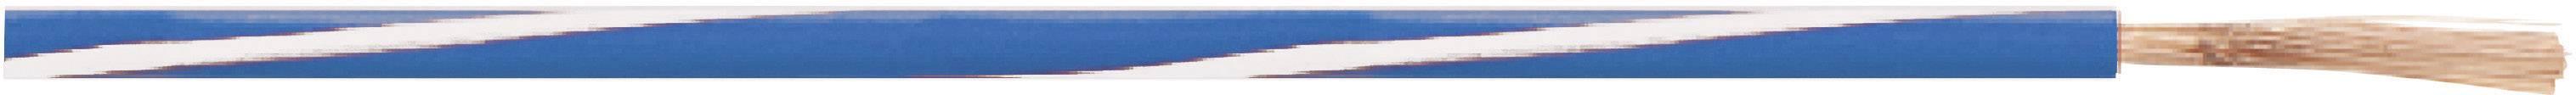 Opletenie / lanko LappKabel 4512423S X05V-K, 1 x 1 mm², vonkajší Ø 2.60 mm, metrový tovar, červená, biela